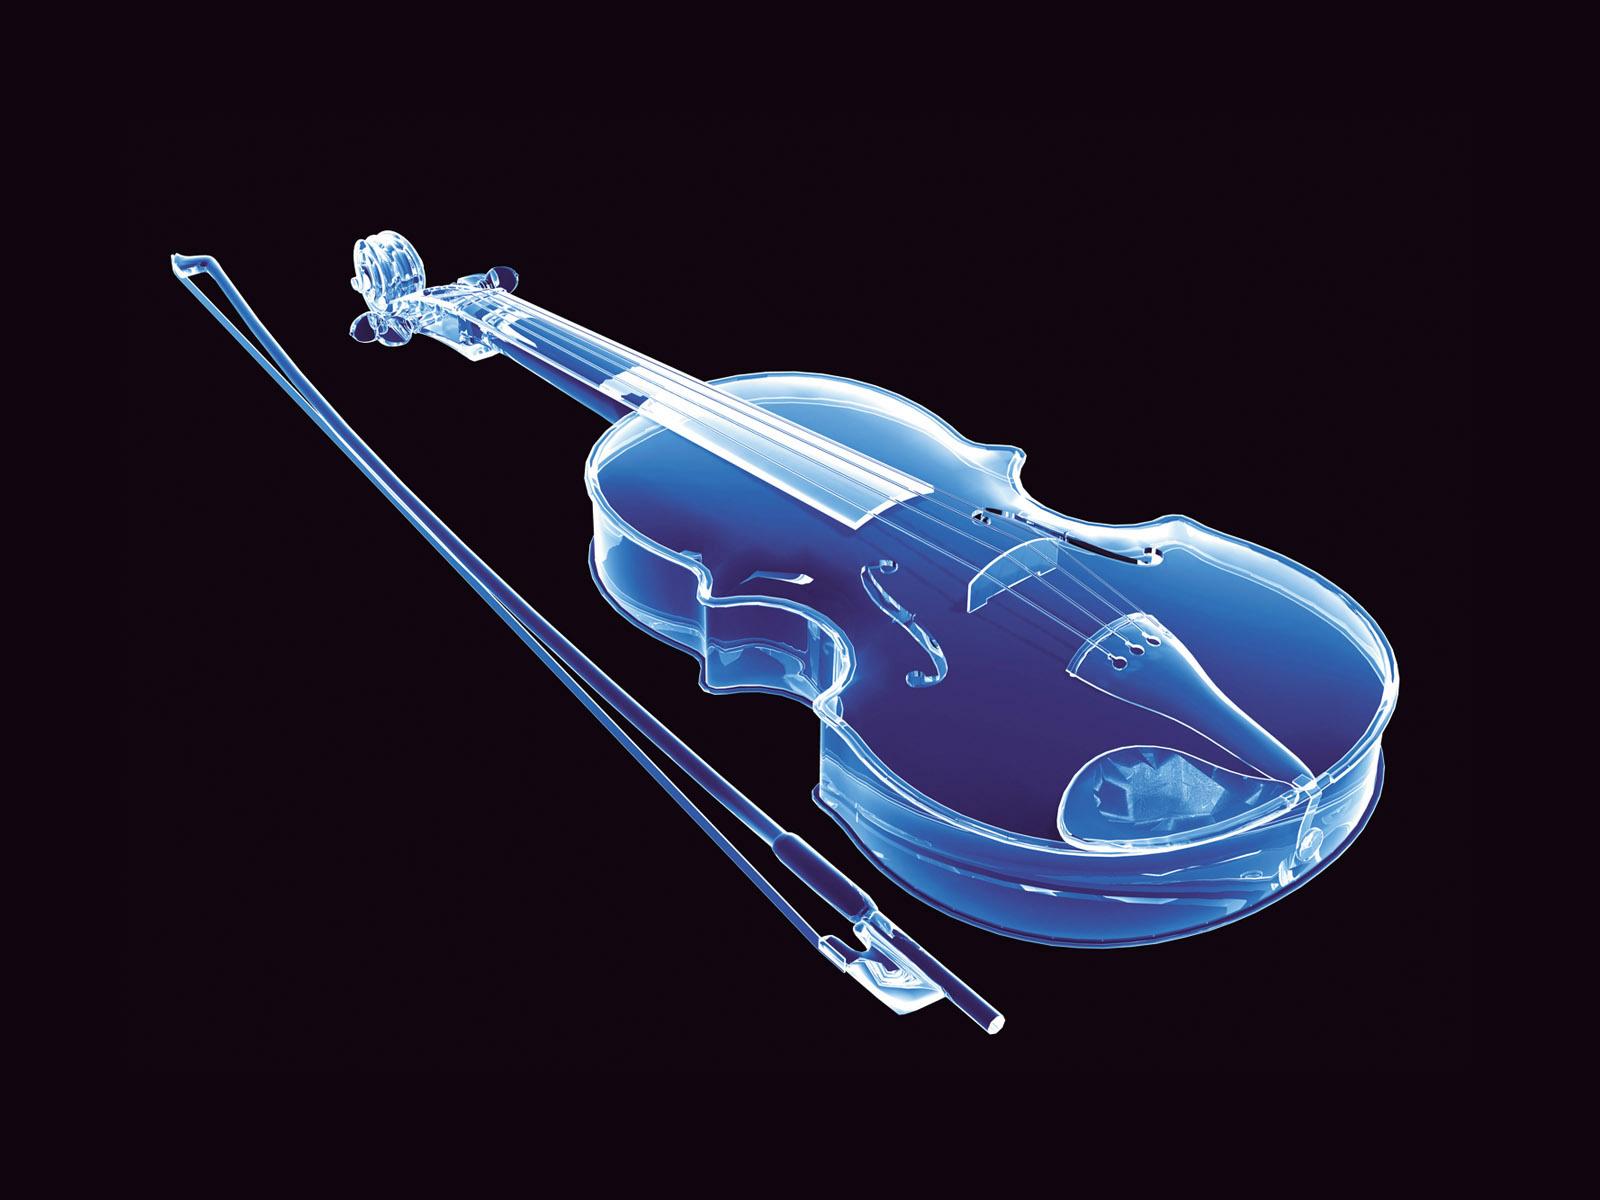 neon violin wallpaper - photo #1